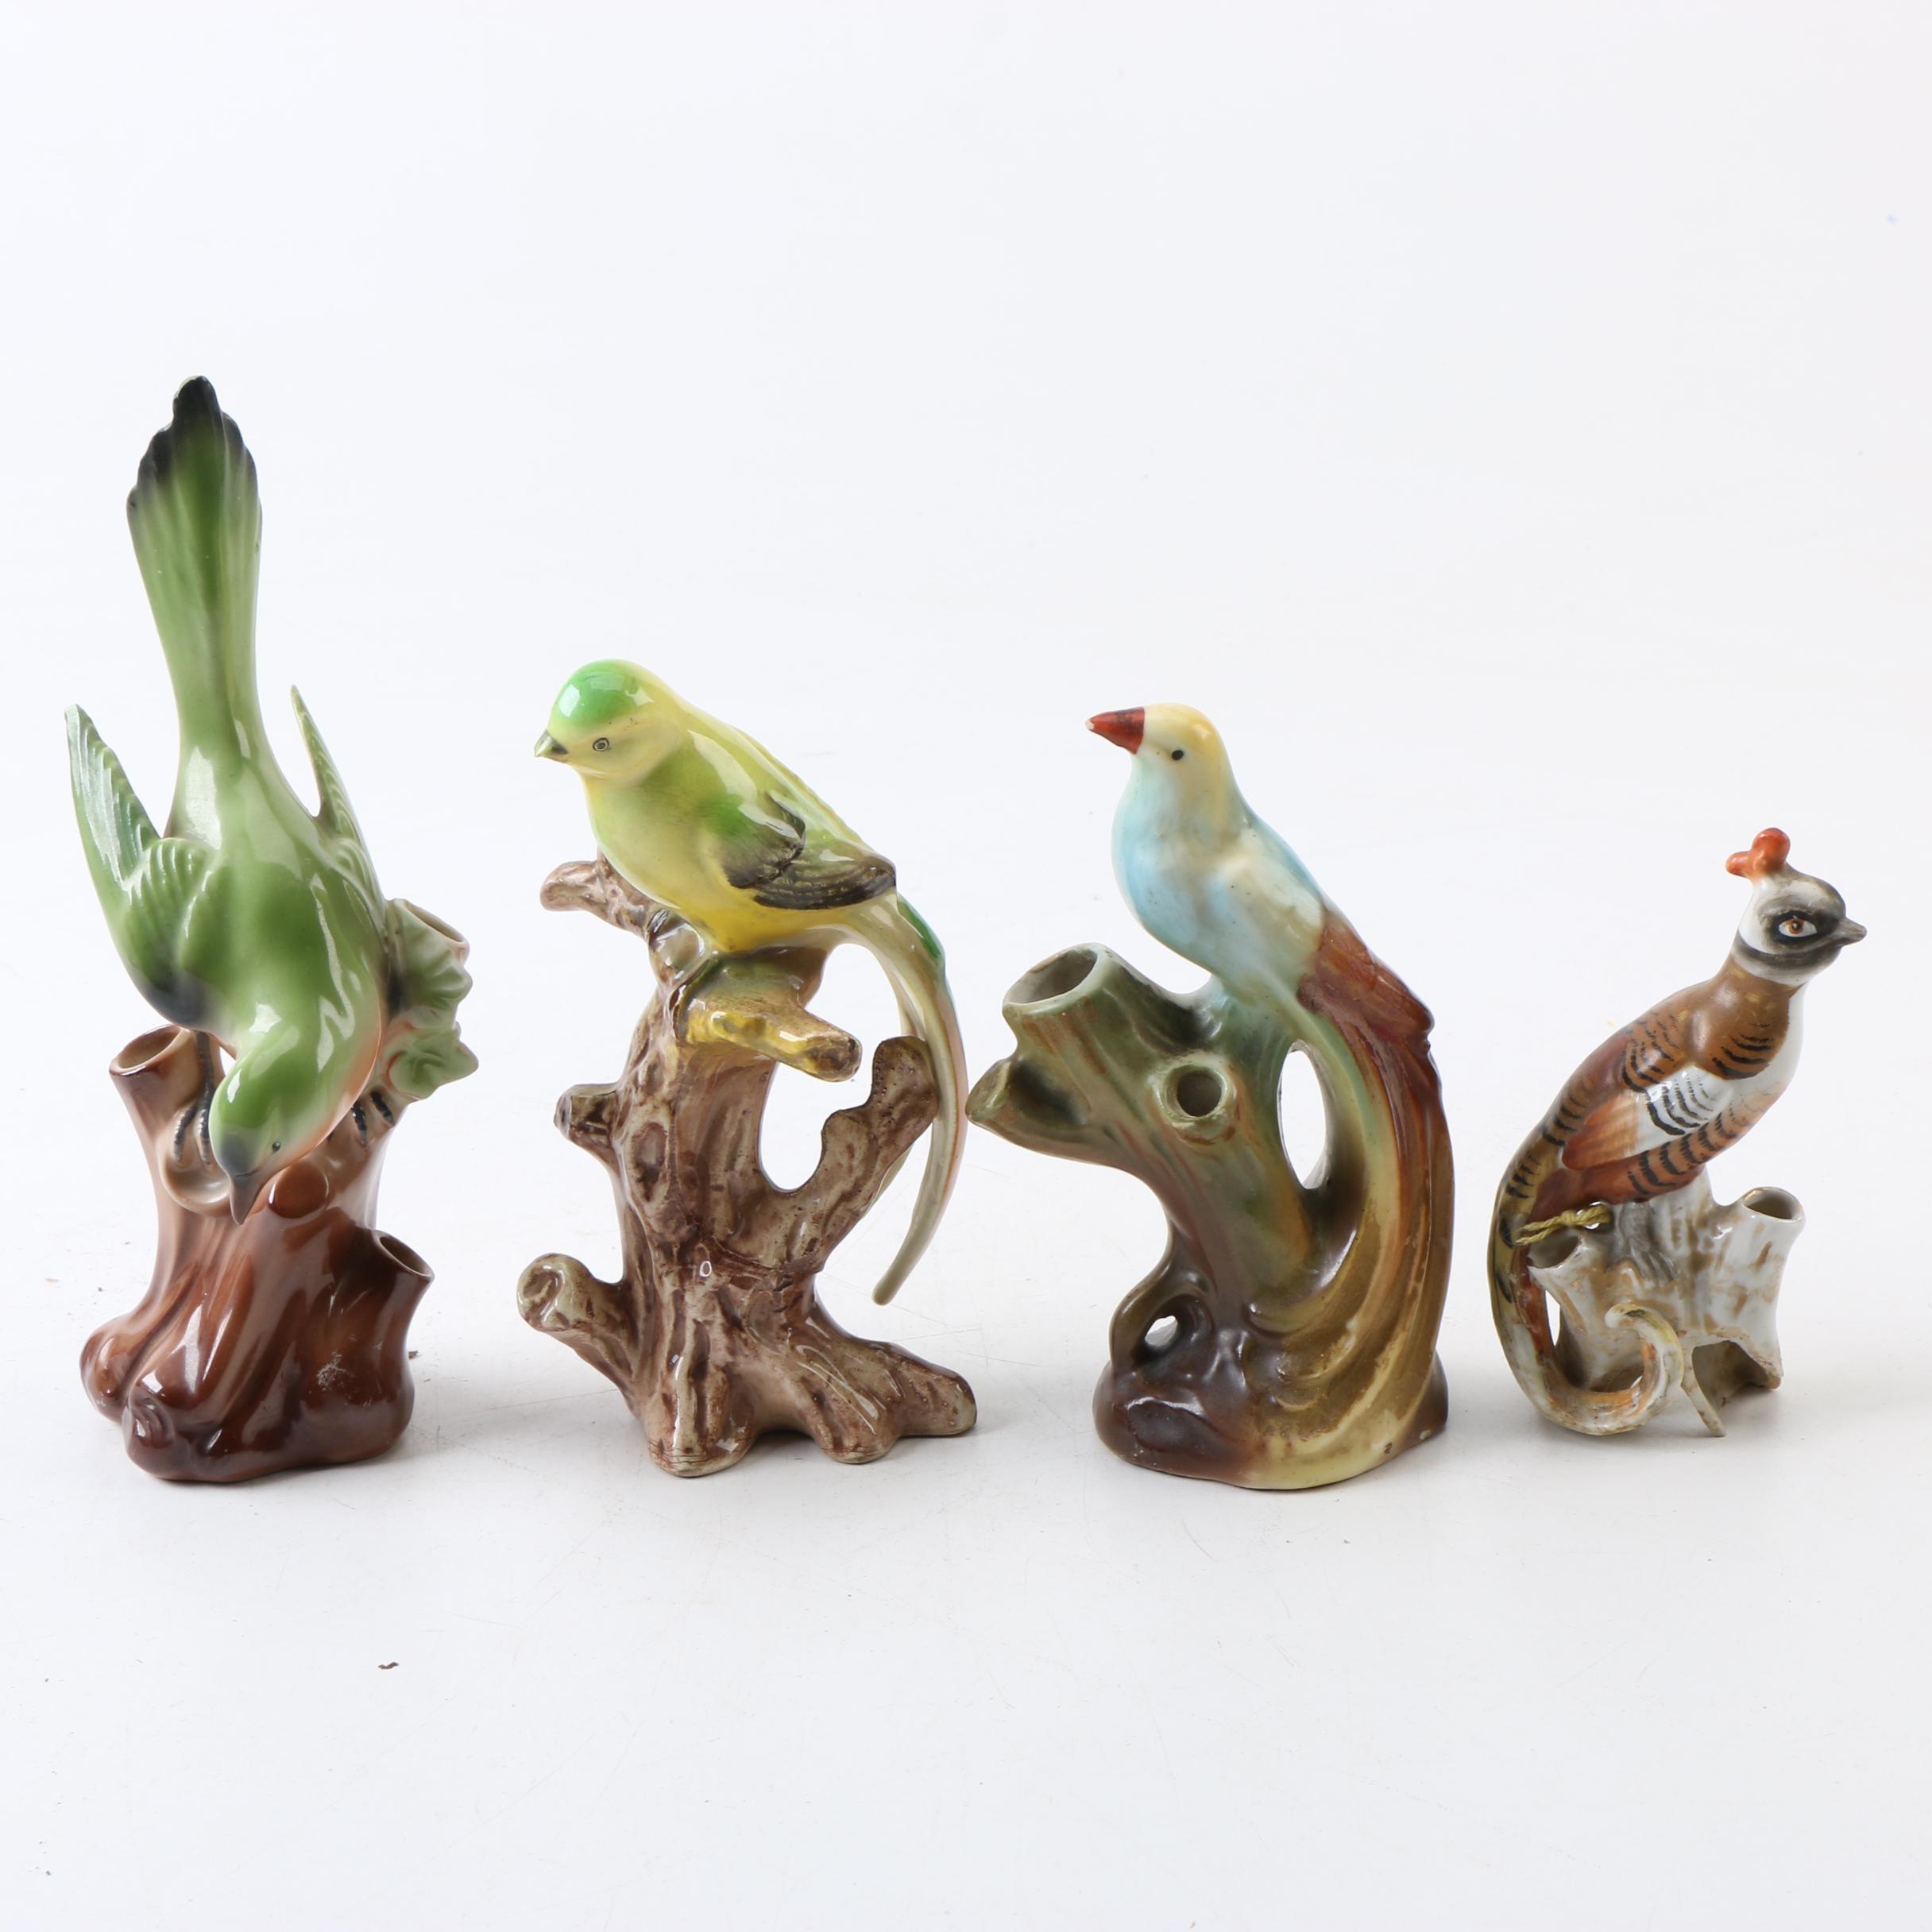 Vintage Figural Bird Flower Frogs with a Bird Figurine